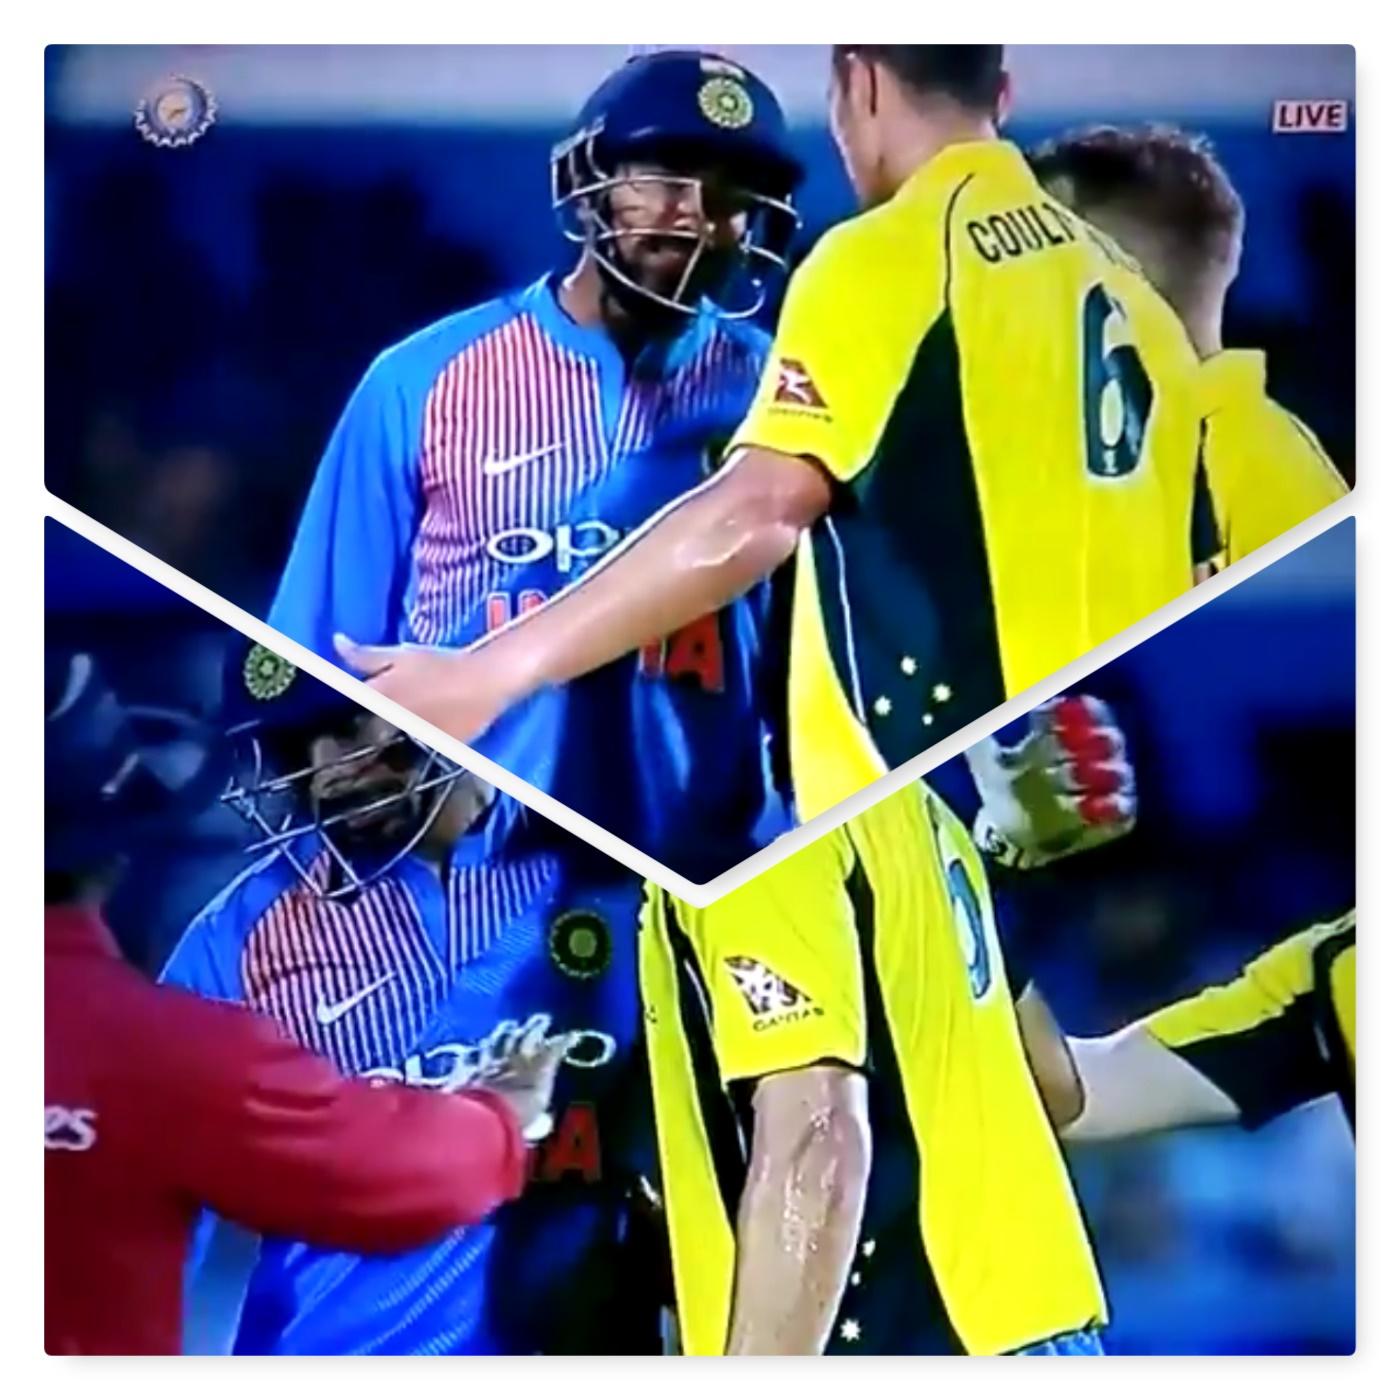 दूसरा टी-20: कलंकित होते बचा भद्रजनों का खेल कहा जाने वाला क्रिकेट..भारतीय बल्लबाज से भिड़ गये नेथन कुल्टर नाइल